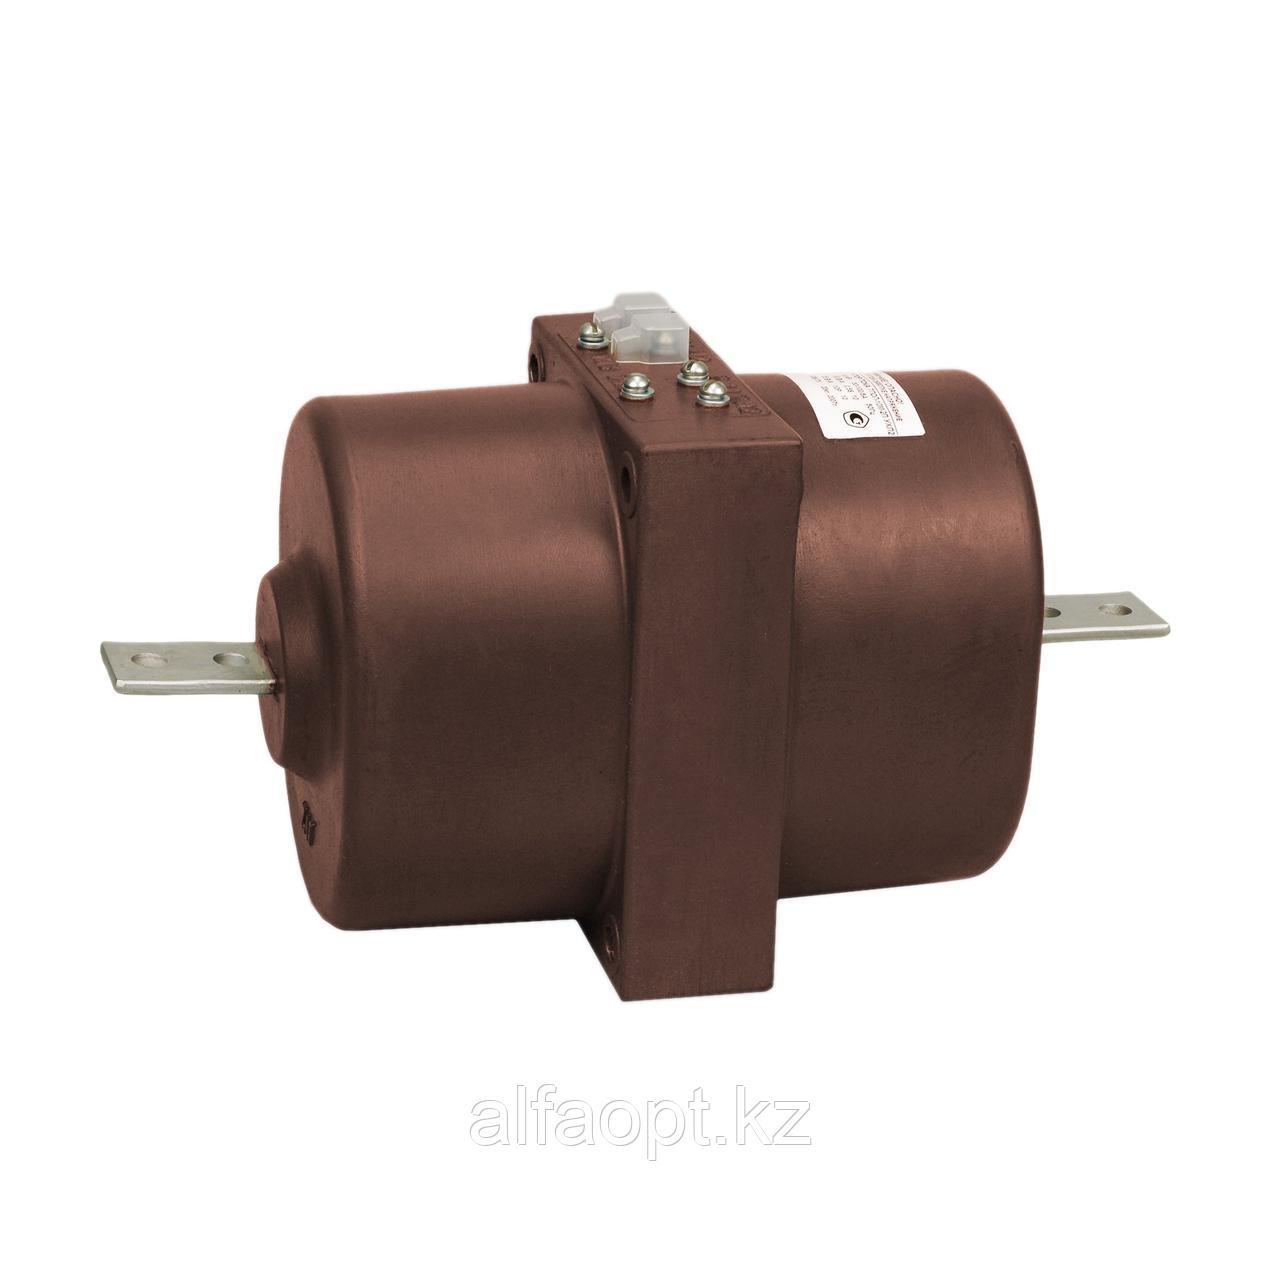 Проходной трансформатор тока ТПОЛ-10М